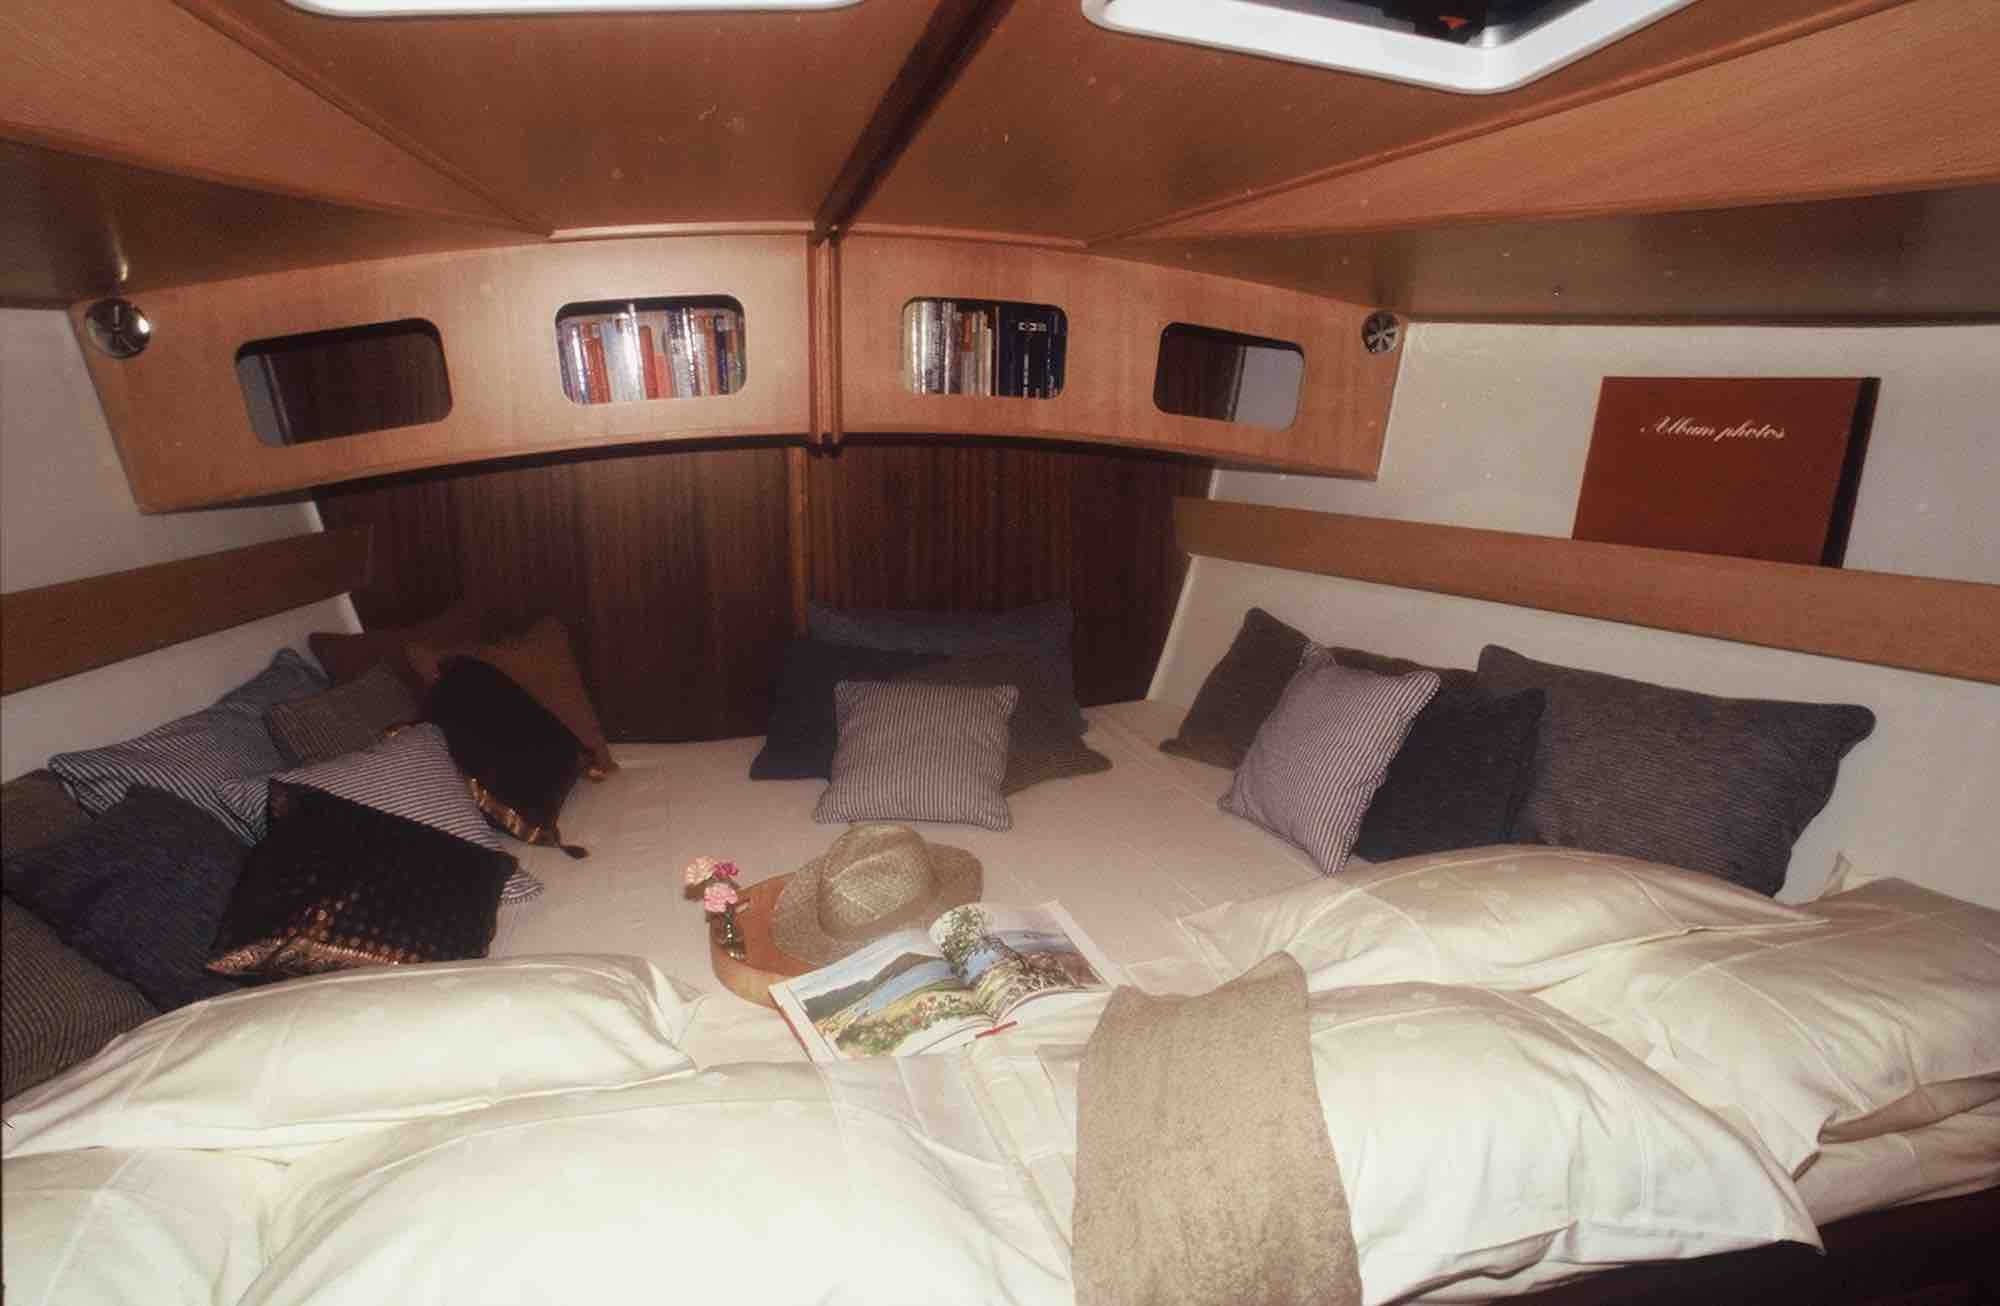 Dalai honeymoon suiteyacht boat xs.jpeg